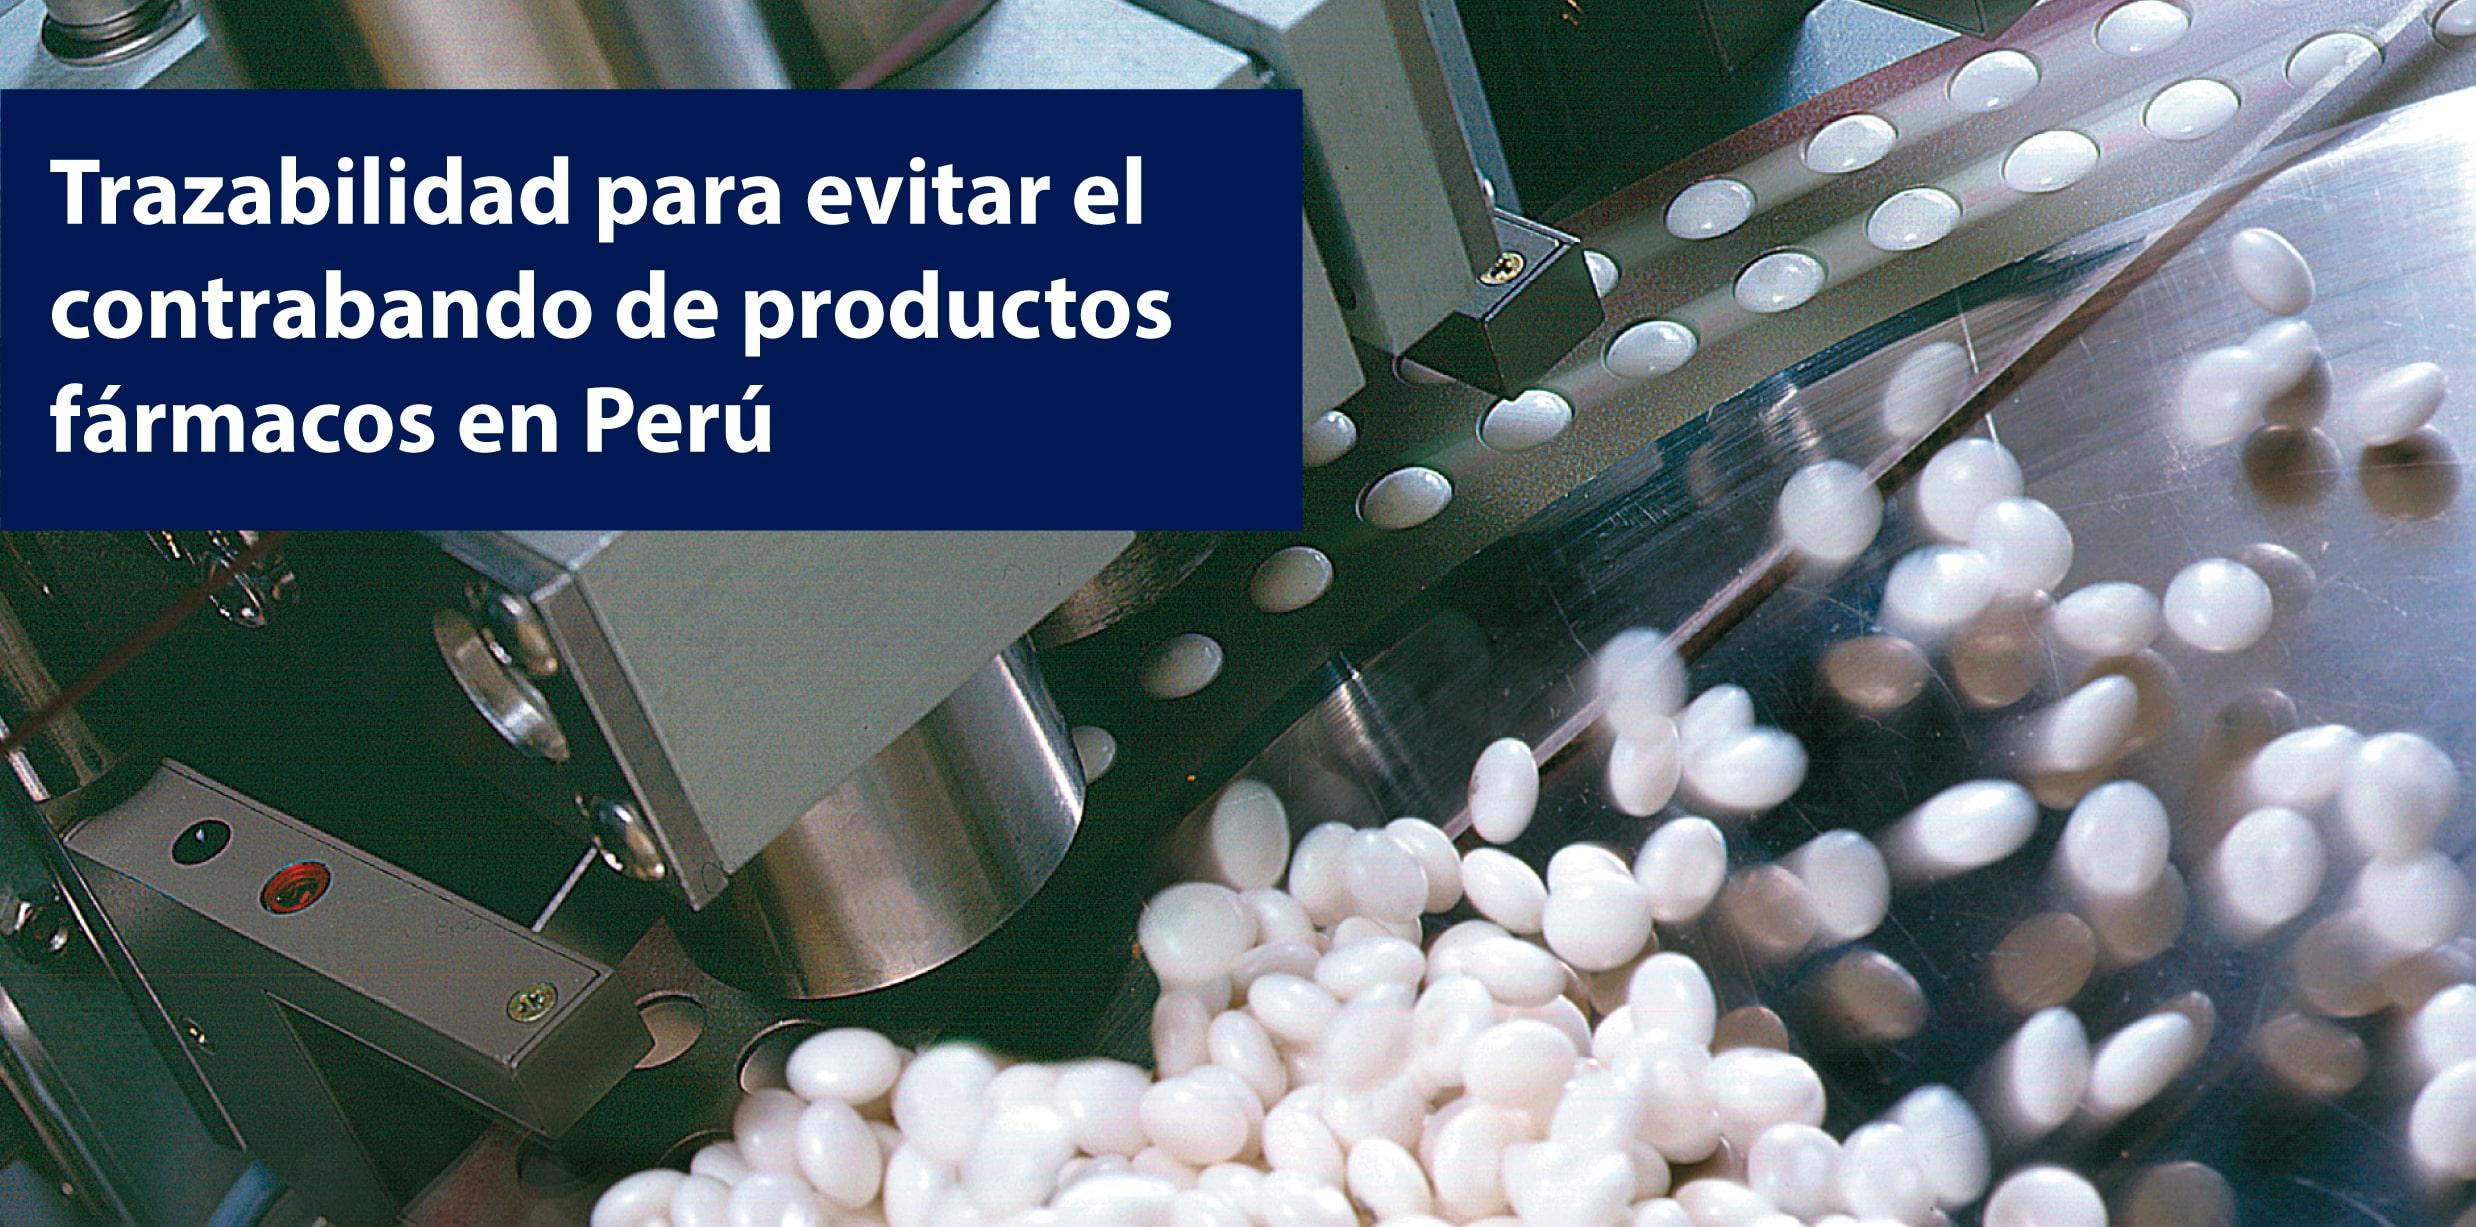 trazabilidad de productos